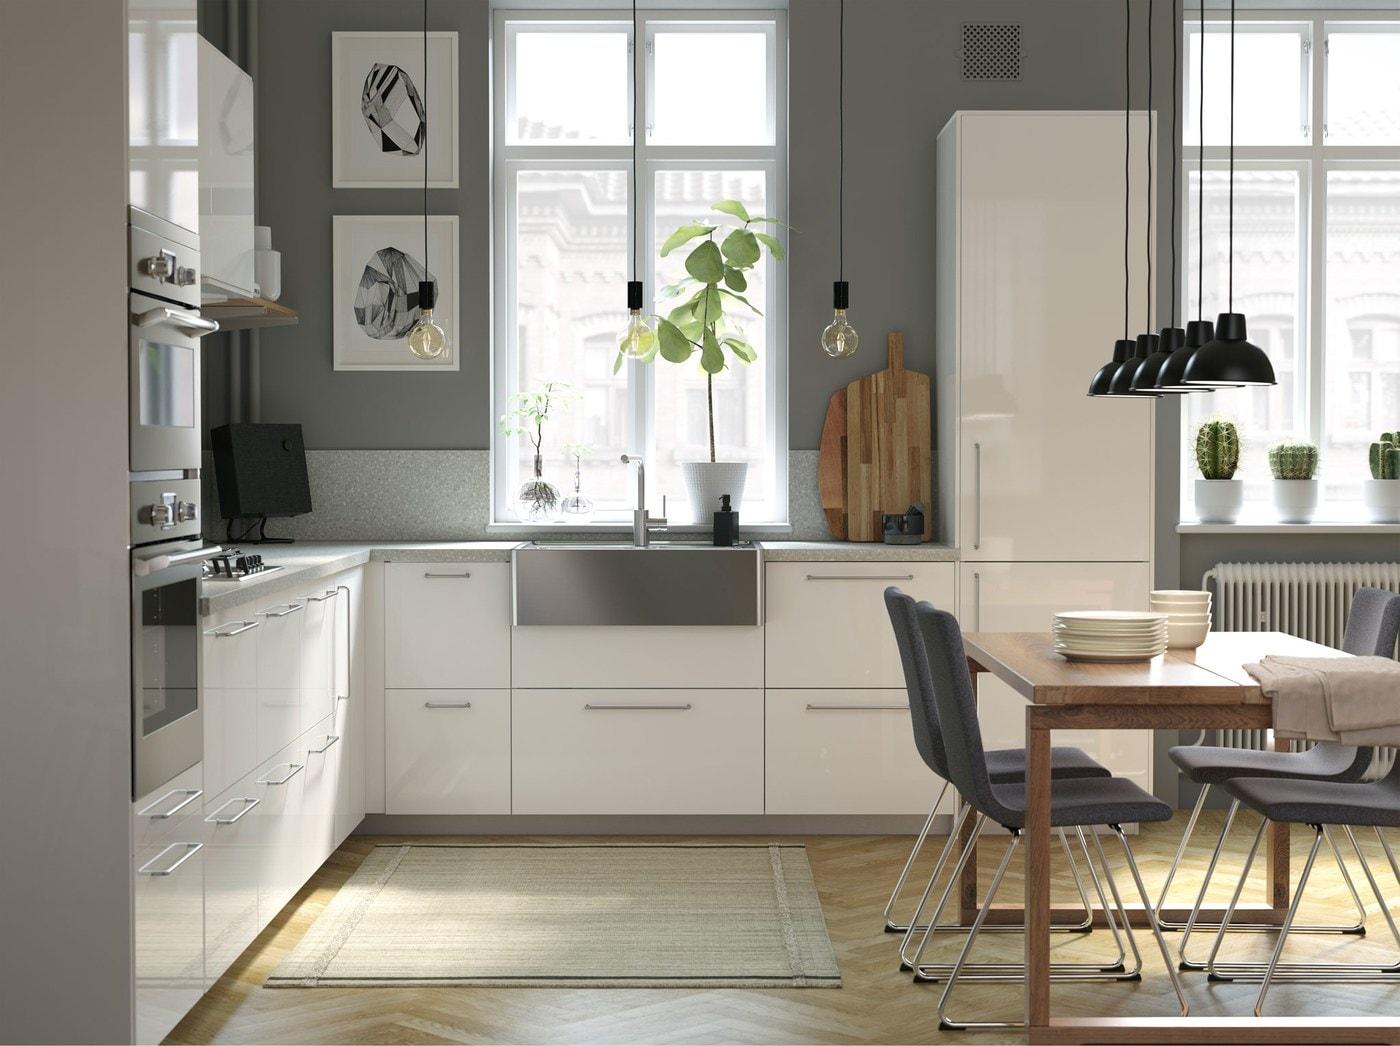 مطبخ عصري زاهي METOD من ايكيا، به أبواب وأدراج RINGHULT بيضاء، مع حوض ستنلس ستيل، في مساحة جلوس مفتوحة.